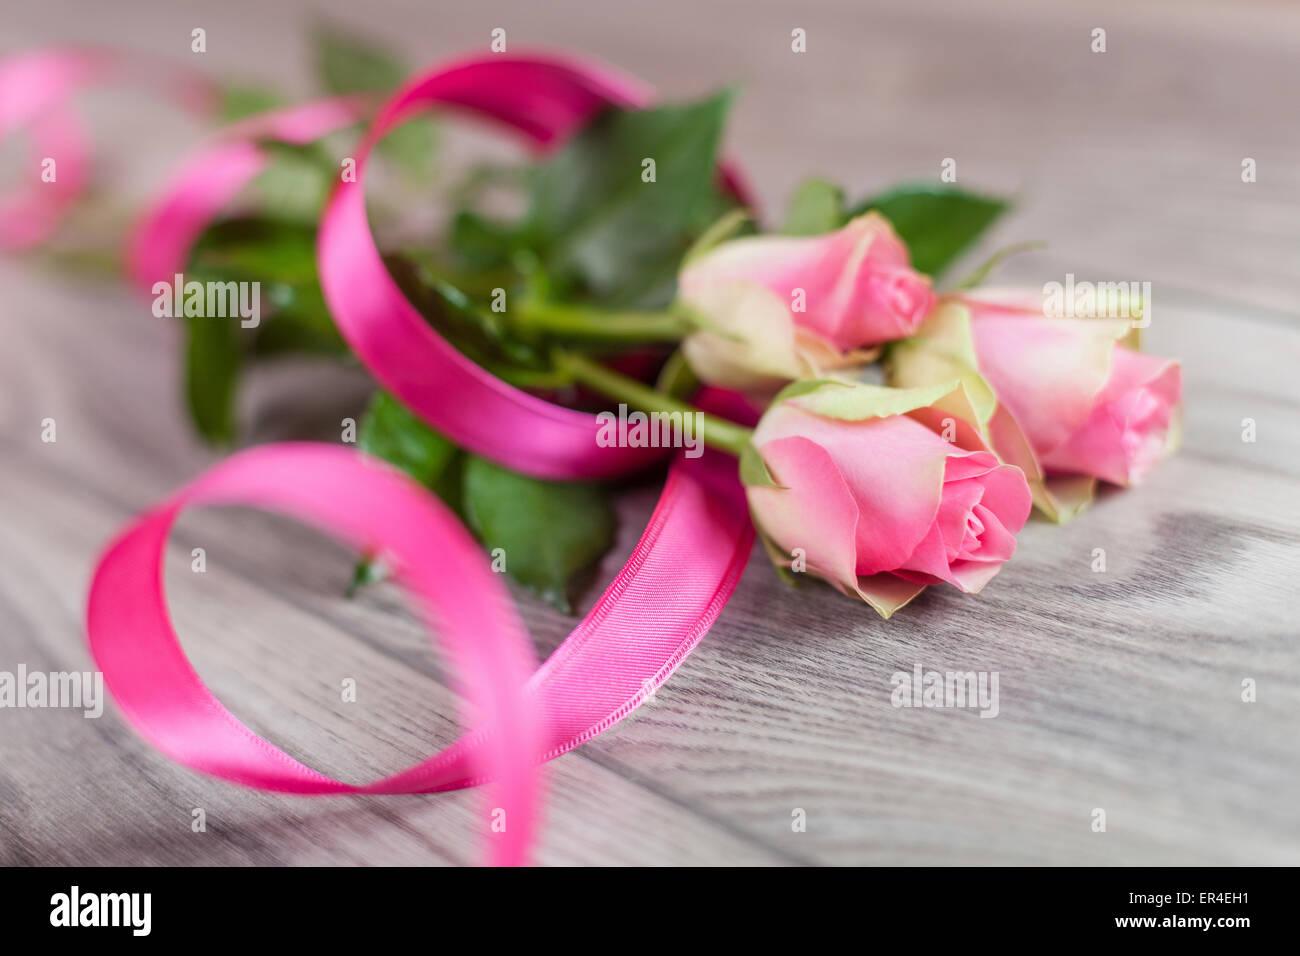 Les tulipes avec un ruban rose sur une table en bois Photo Stock